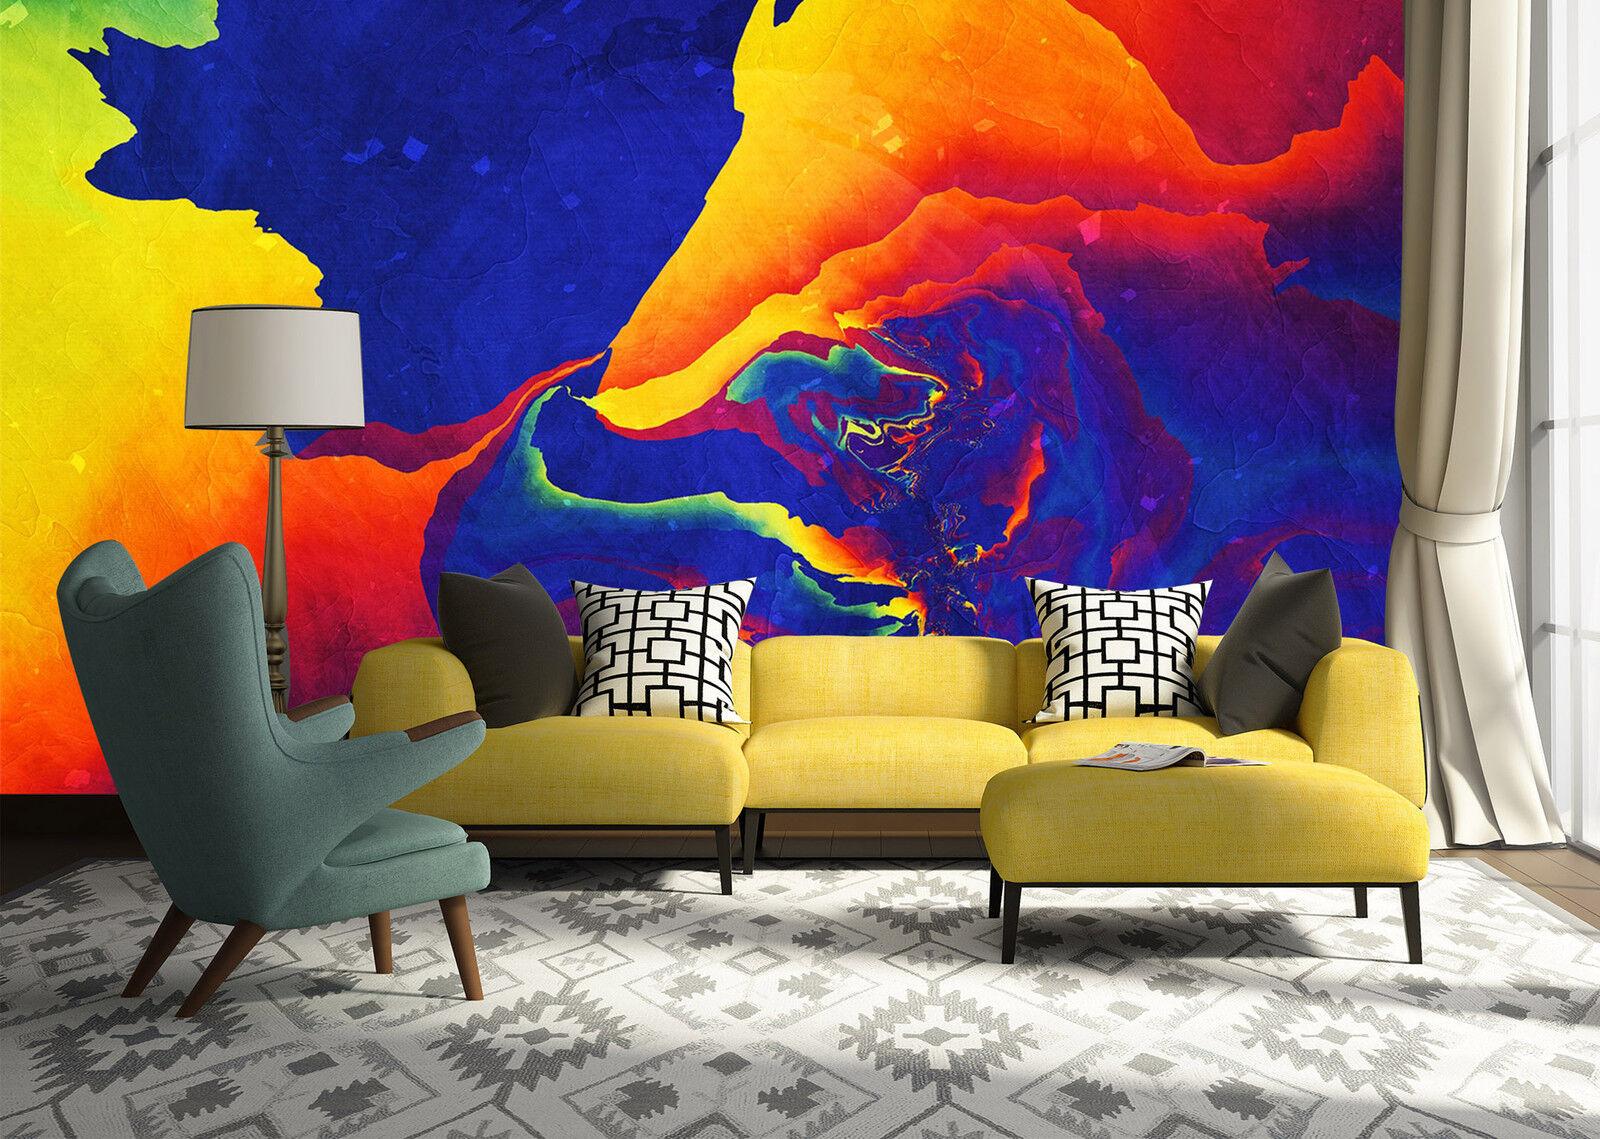 3D Gemalte Blaume Fototapeten Wandbild Fototapete Bild Tapete Familie Kinder887